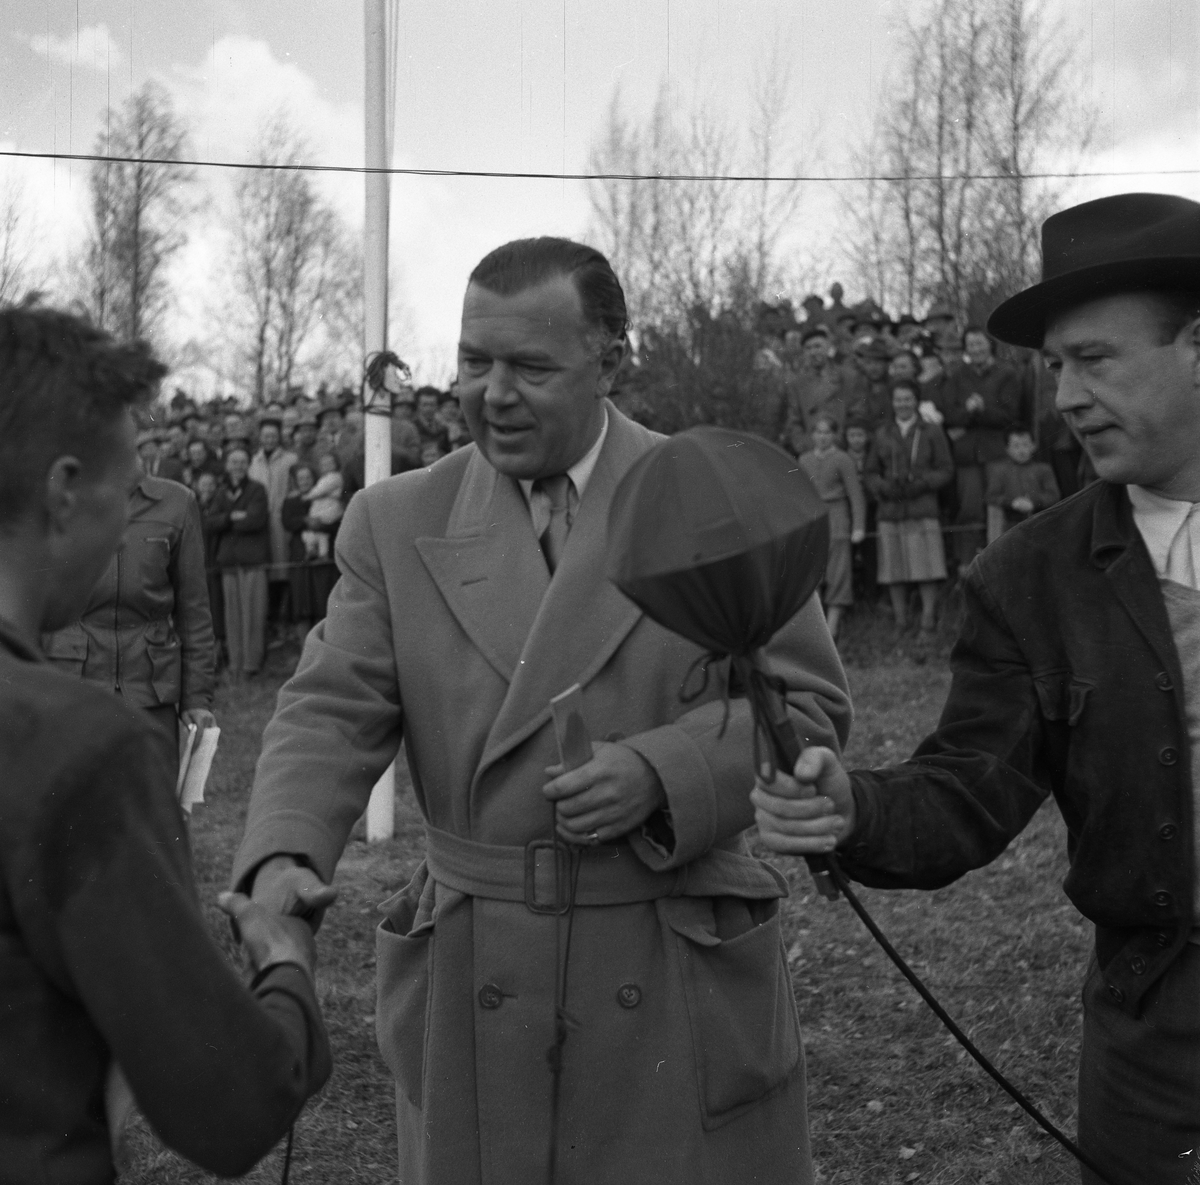 """Arboga Orienteringsklubb har vunnit tiomilaorienteringen. Lennart Öberg, som sprang sista sträckan, gratuleras av Prins Bertil. Lennart Hyland intervjuar för radio. Publiken får hålla sig bakom avspärrningen.  Start: Malmköping. Mål: Bränninge, Södertälje.  Bilder, från detta tillfälle, finns i Reinhold Carlssons bok """"Arboga objektivt sett""""."""